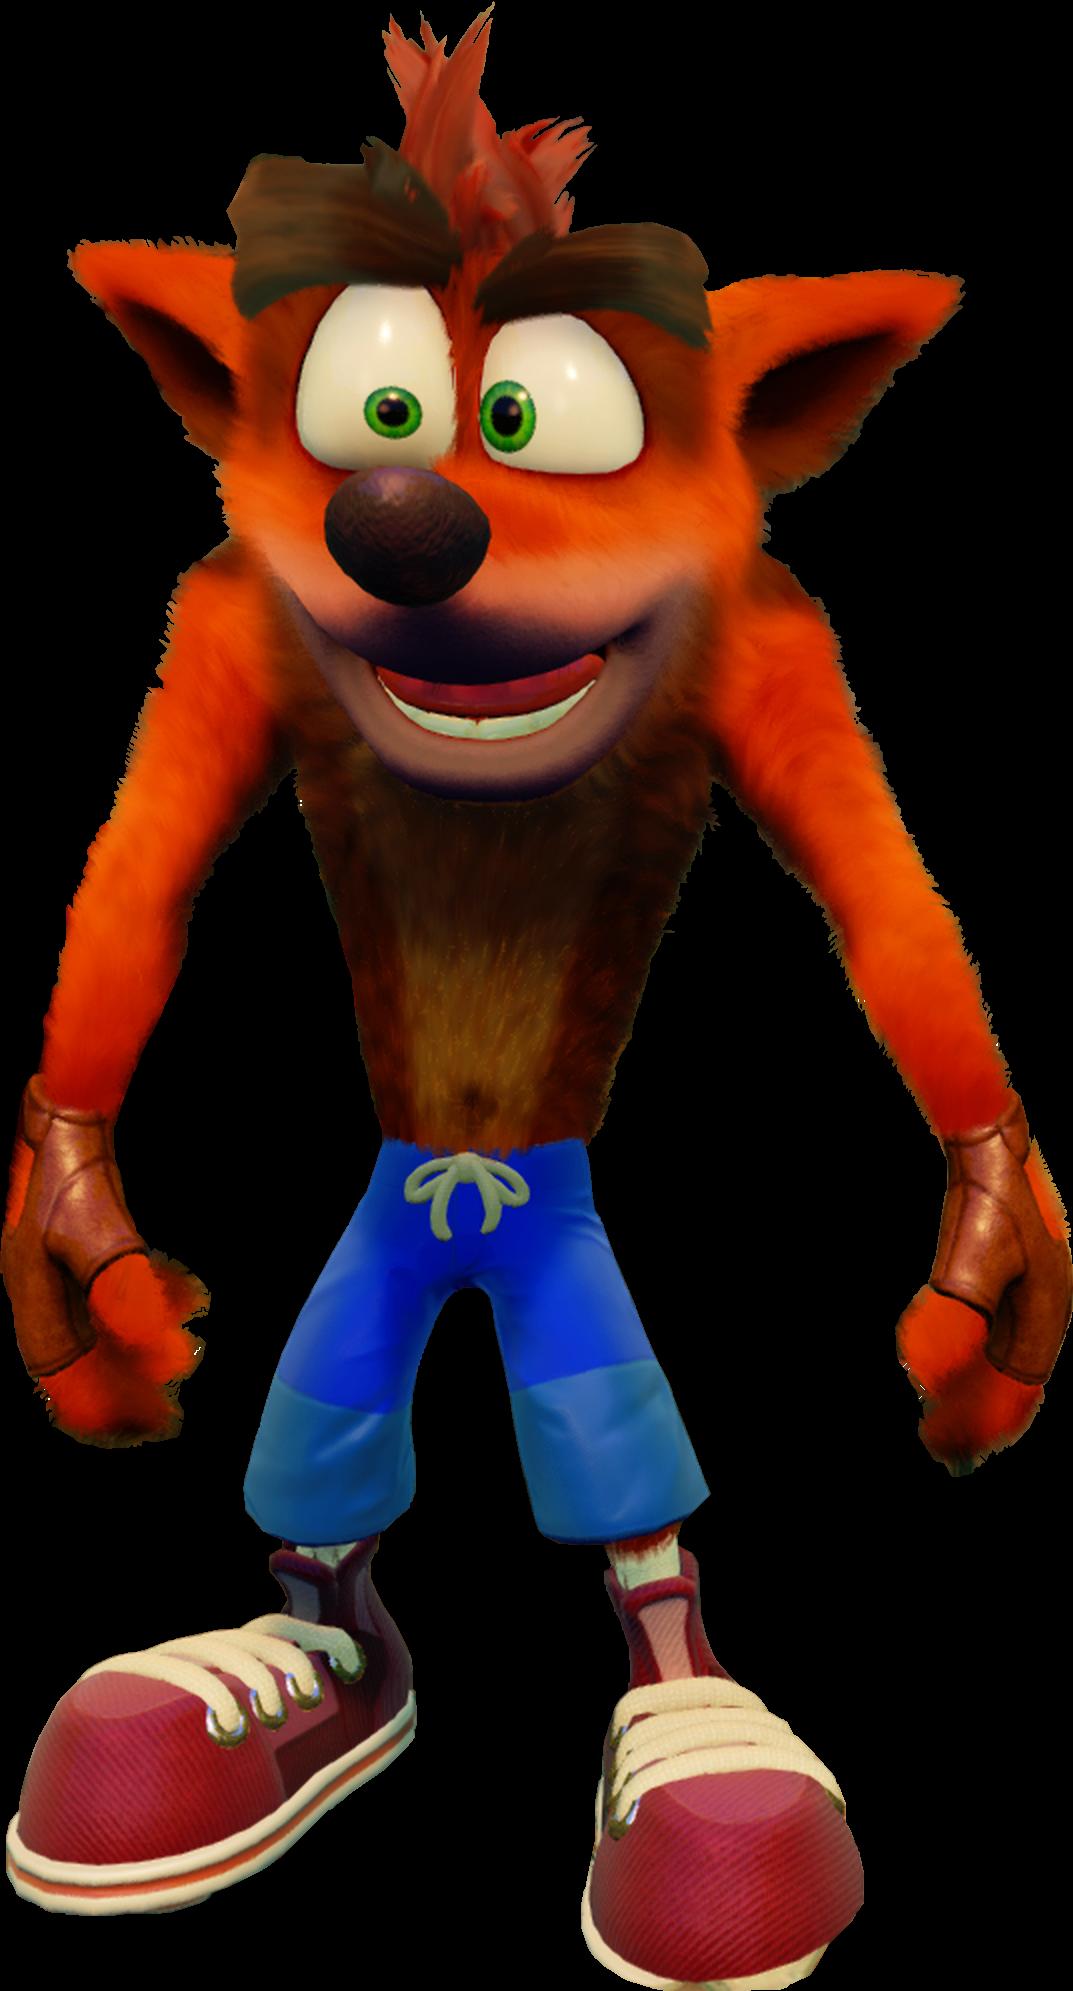 Image - Crash N. Sane Trilogy Crash Bandicoot.png ...